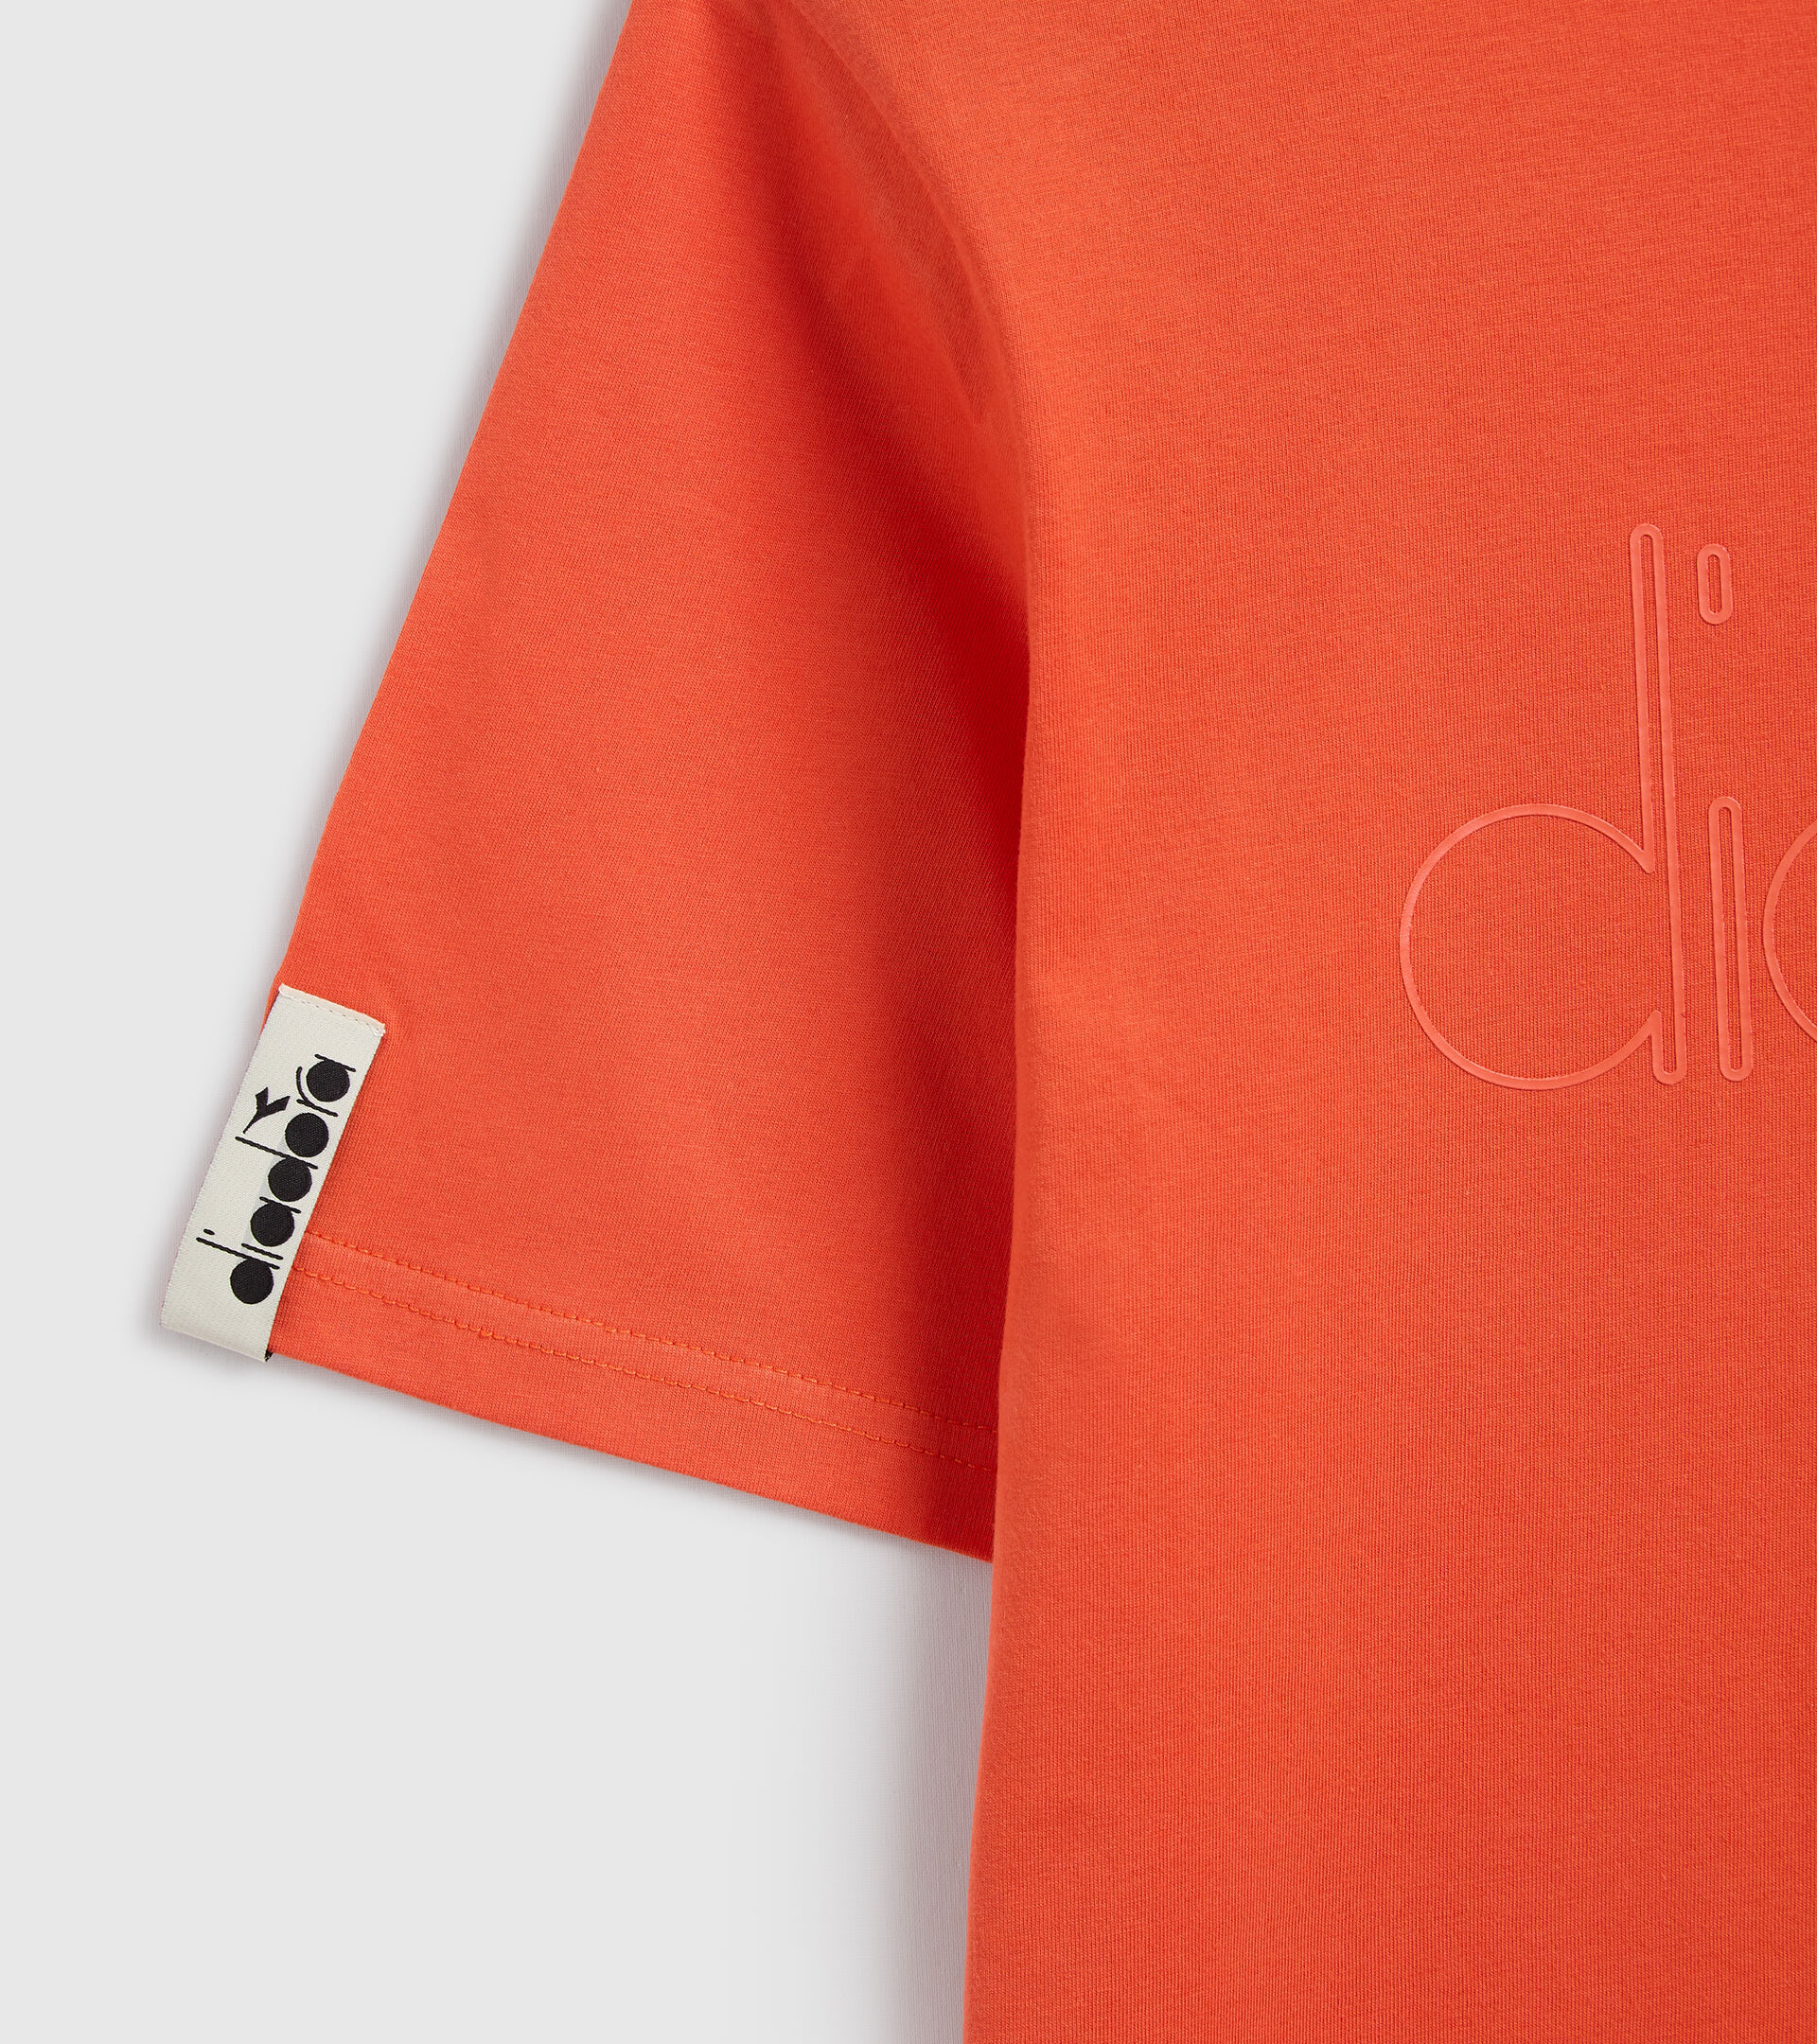 T-Shirt - Unisex T-SHIRT SS DIADORA HD TIGERLILIE ROT - Diadora